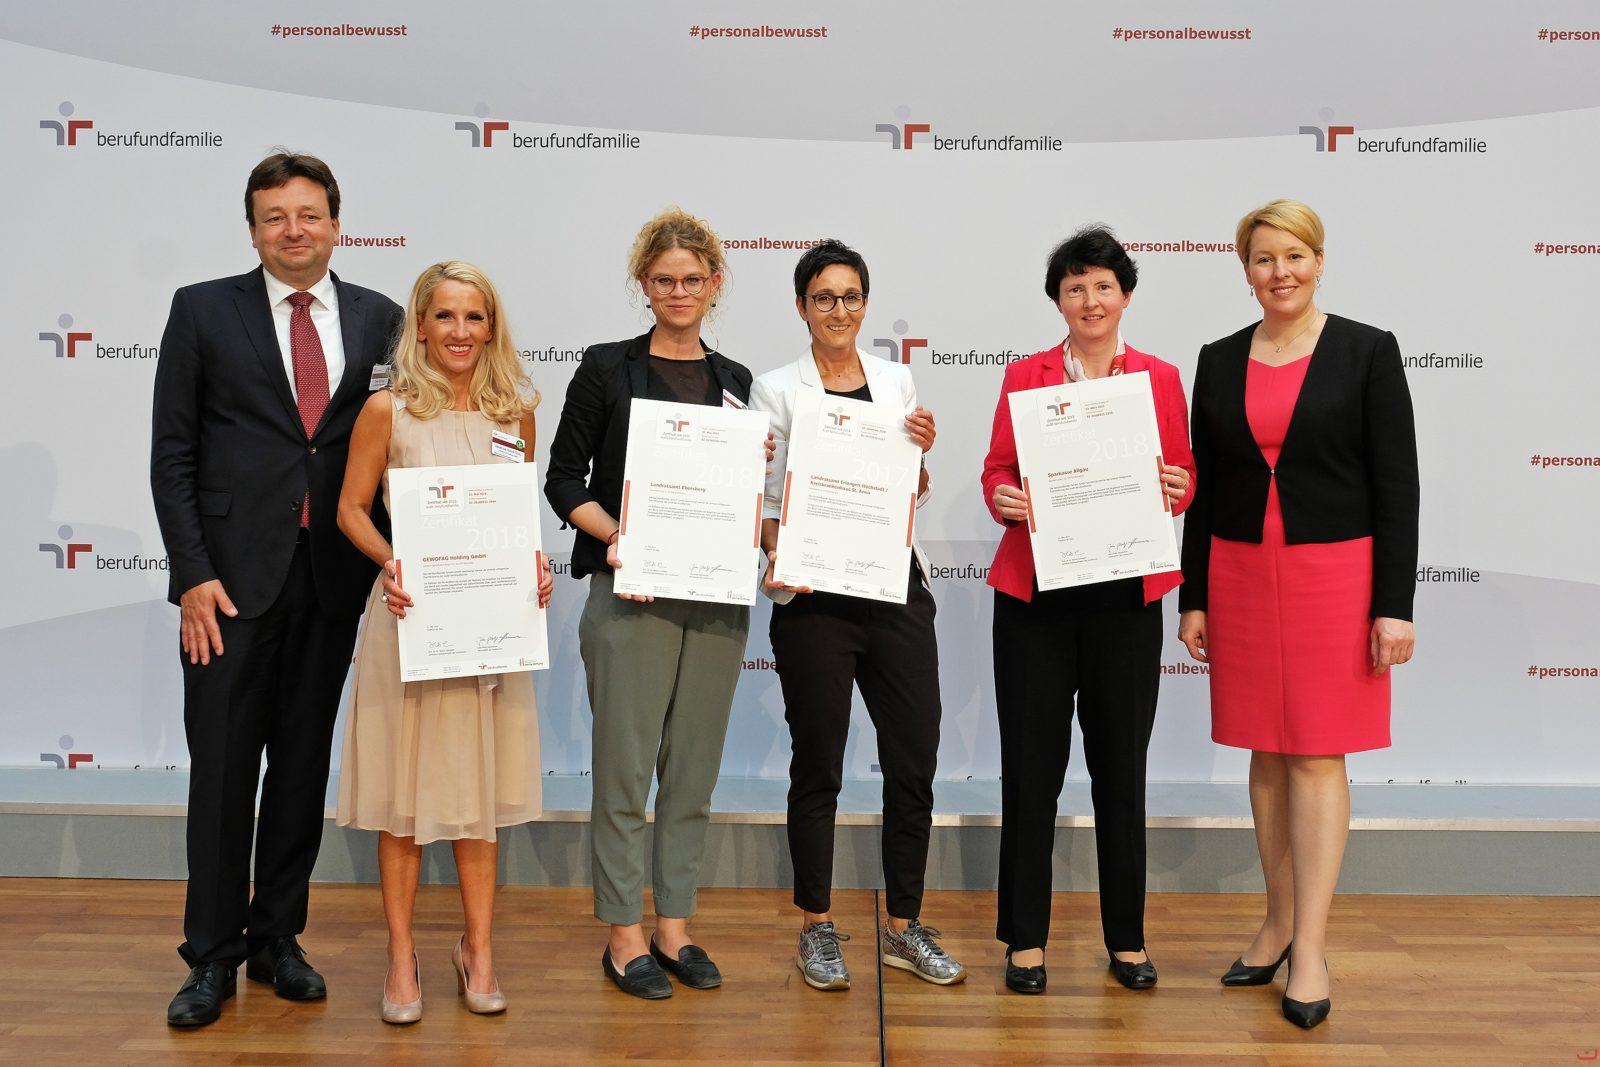 """Zweite Zertifikatsübergabe """"Audit berufundfamilie"""" an Landratsamt Erlangen-Höchstadt"""